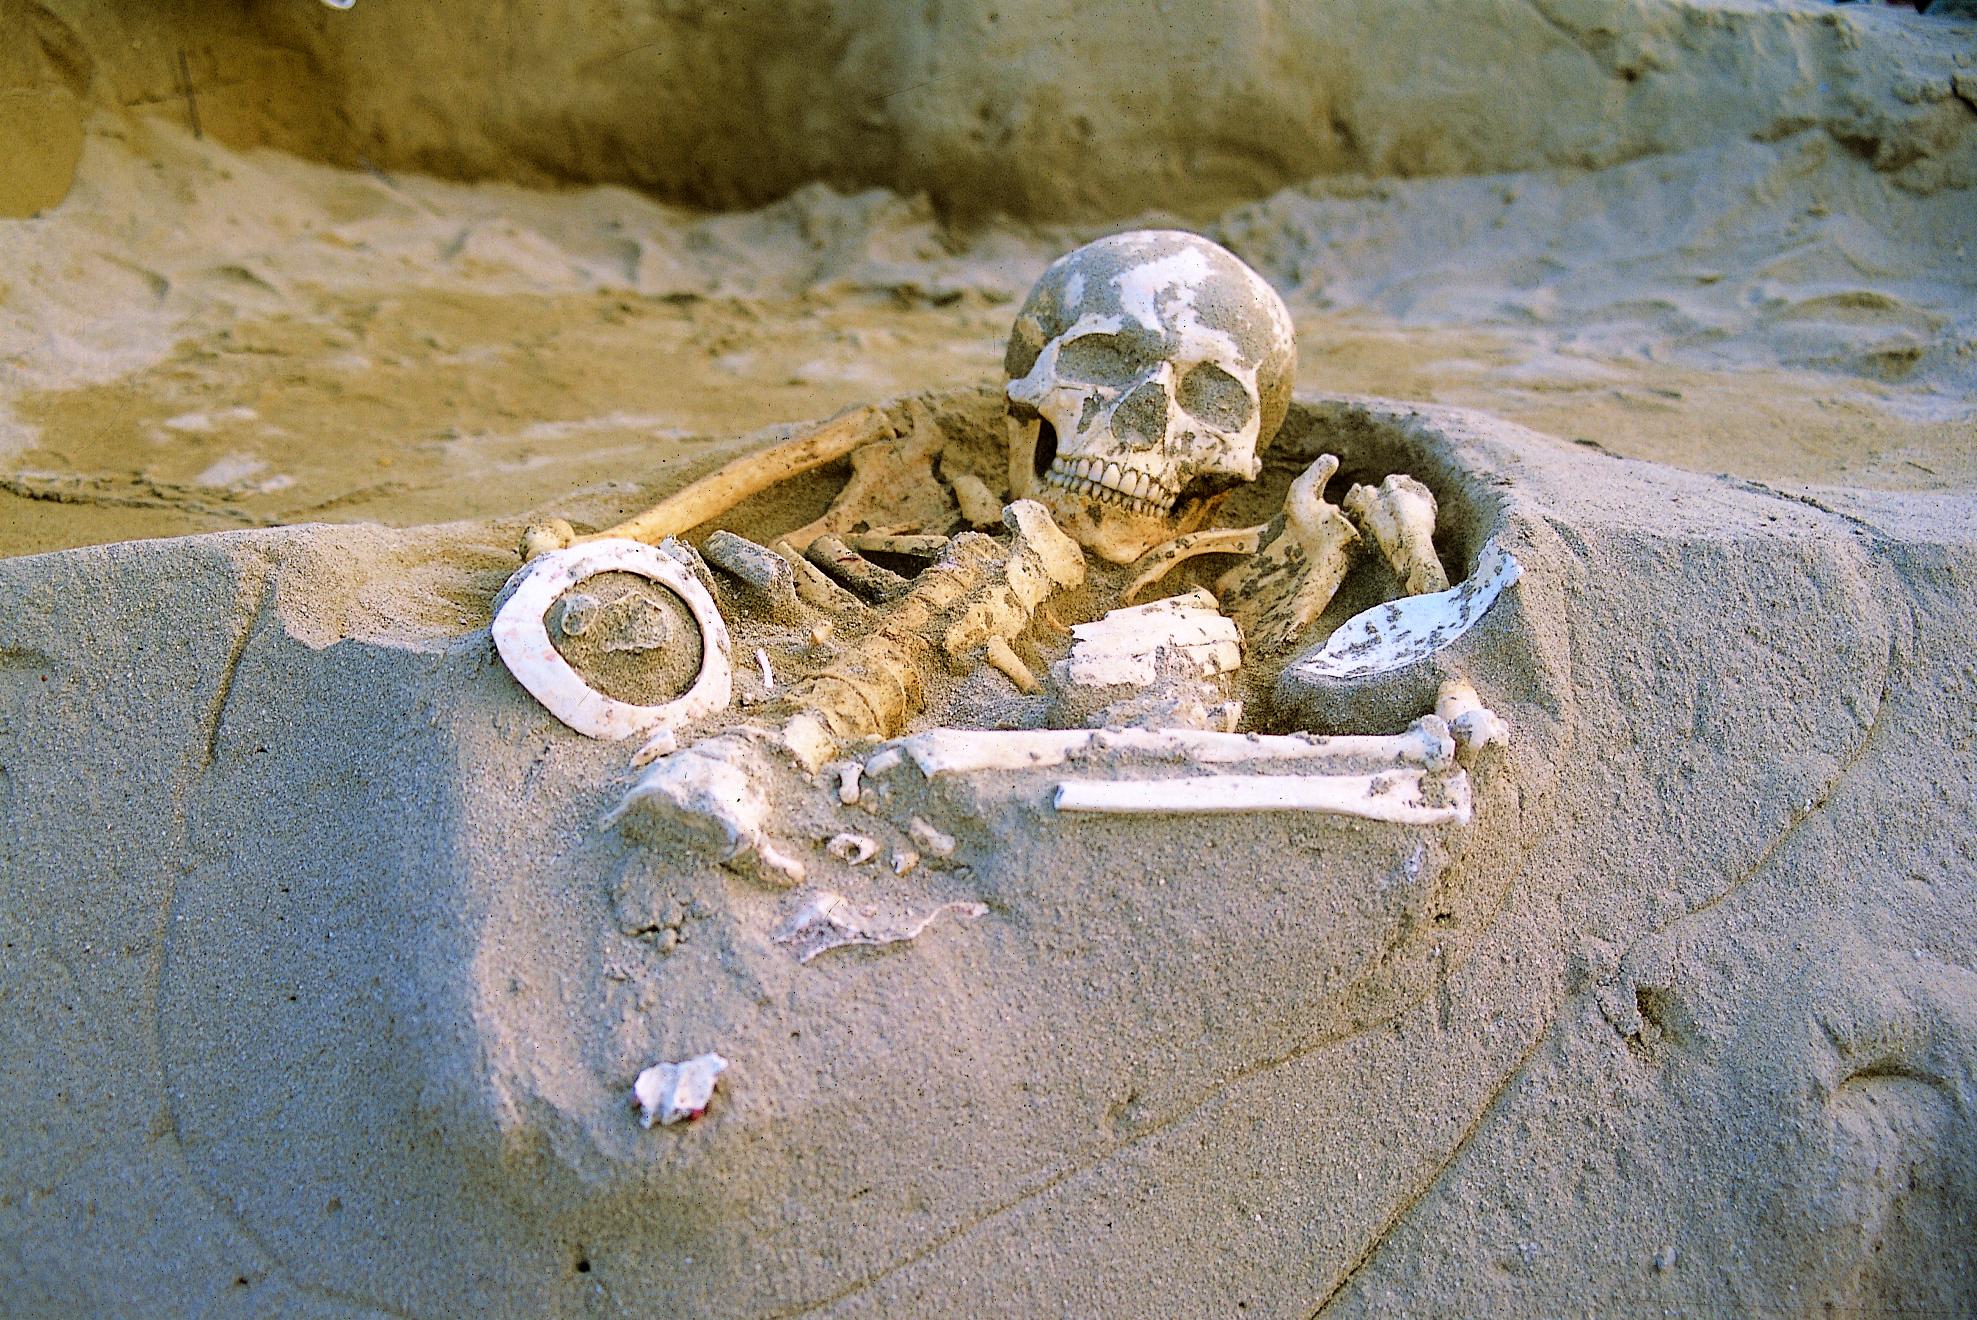 北区1号墓 検出状況(2005年度調査)